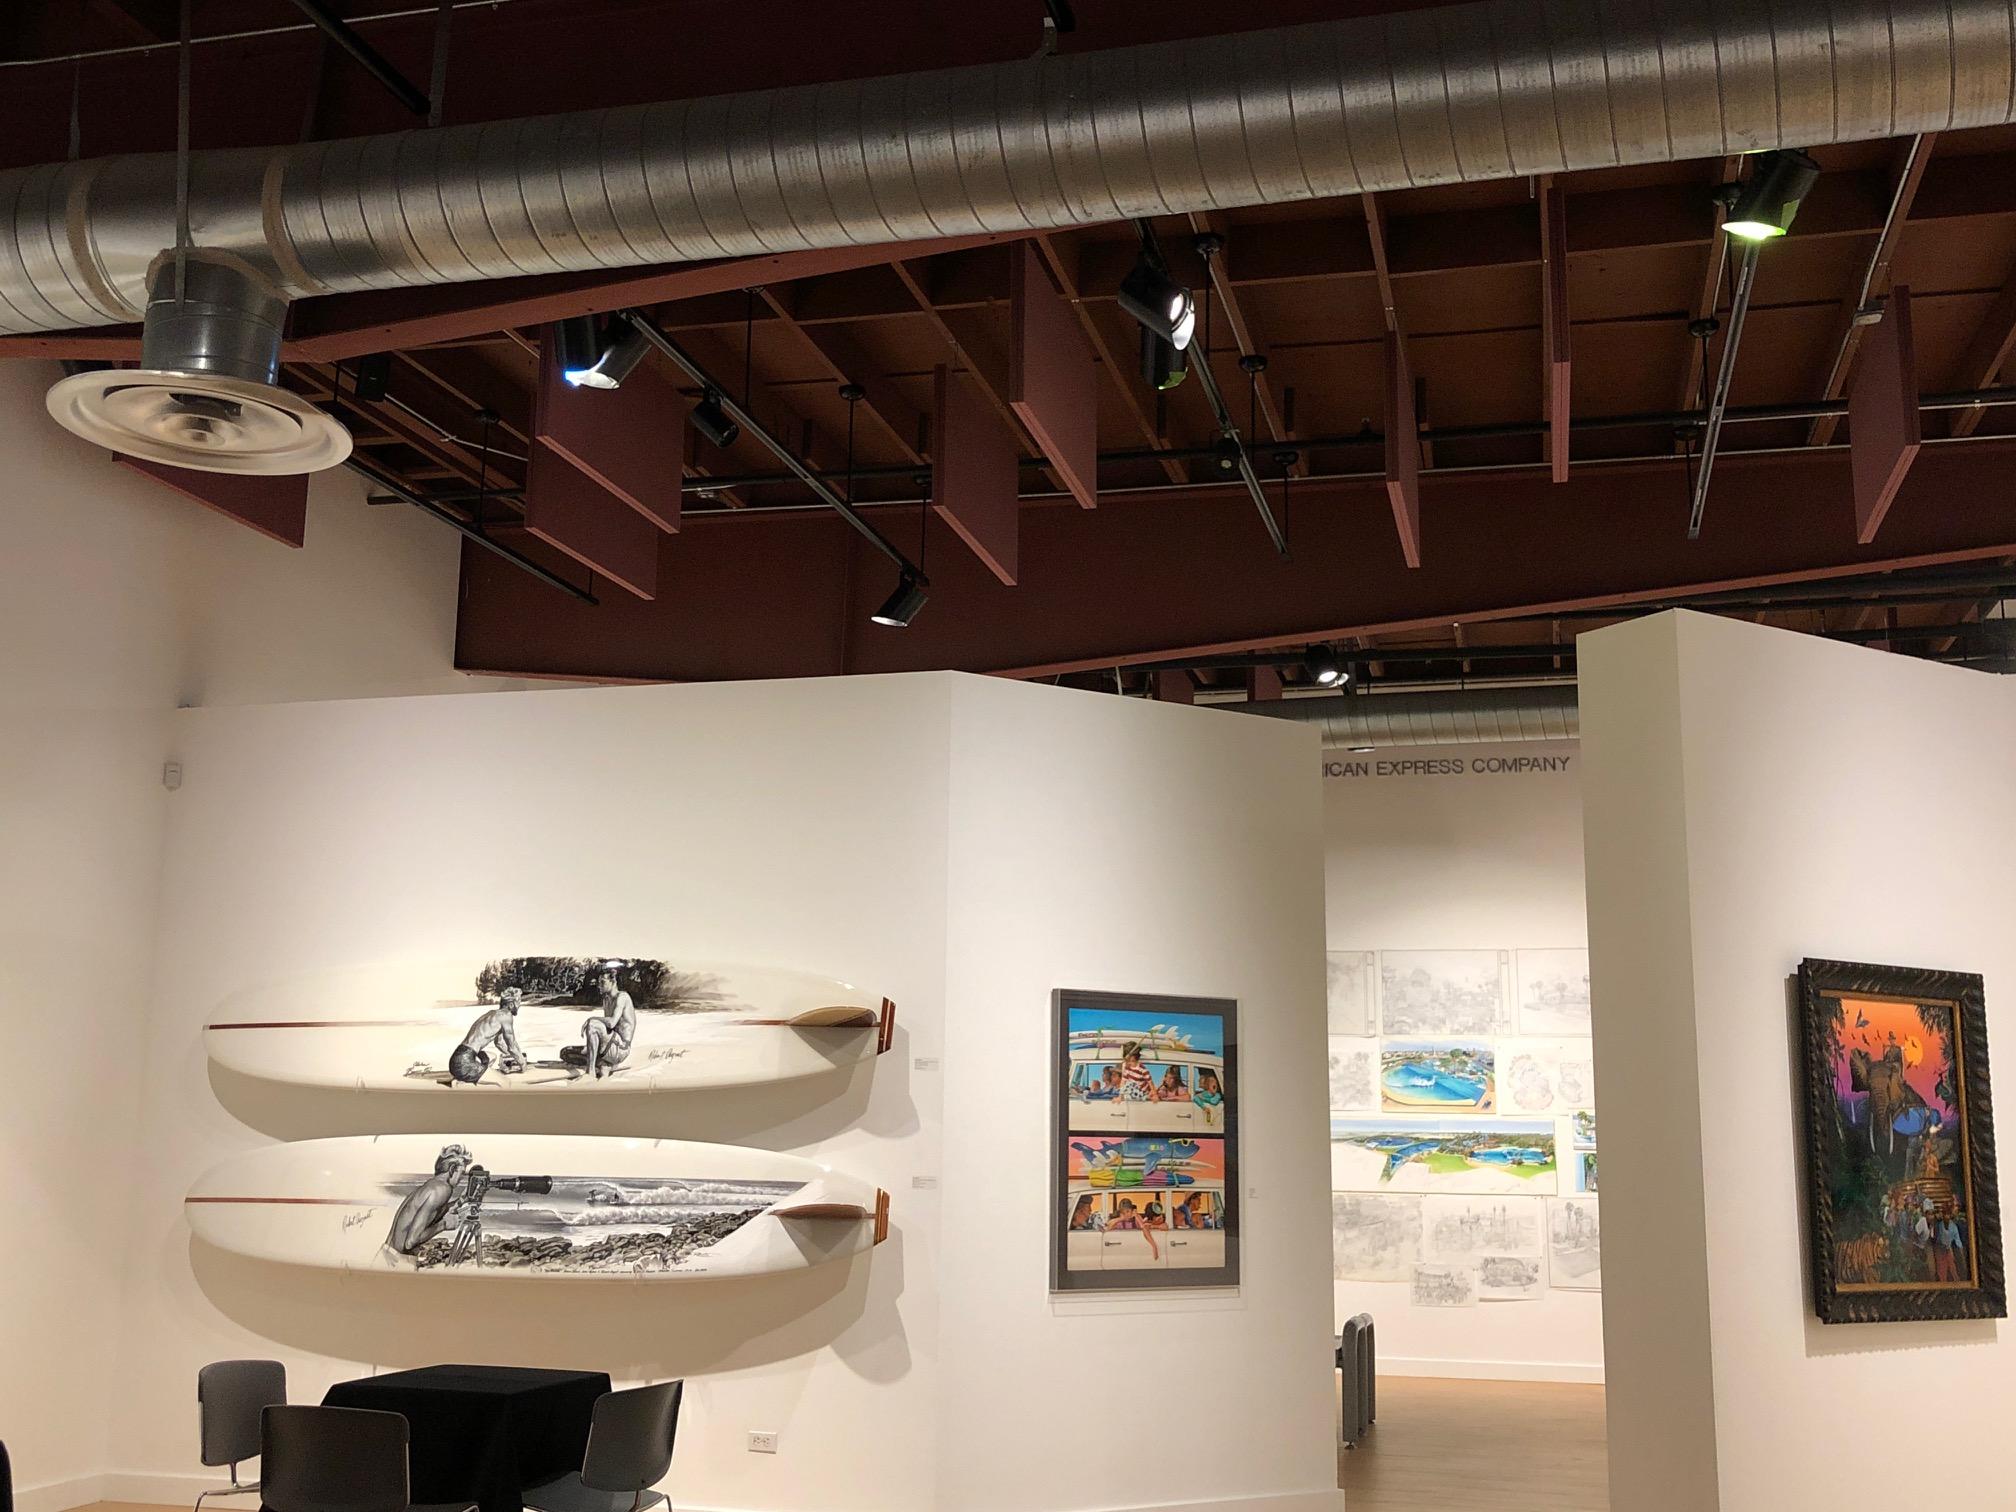 Robert August Surfboard Art